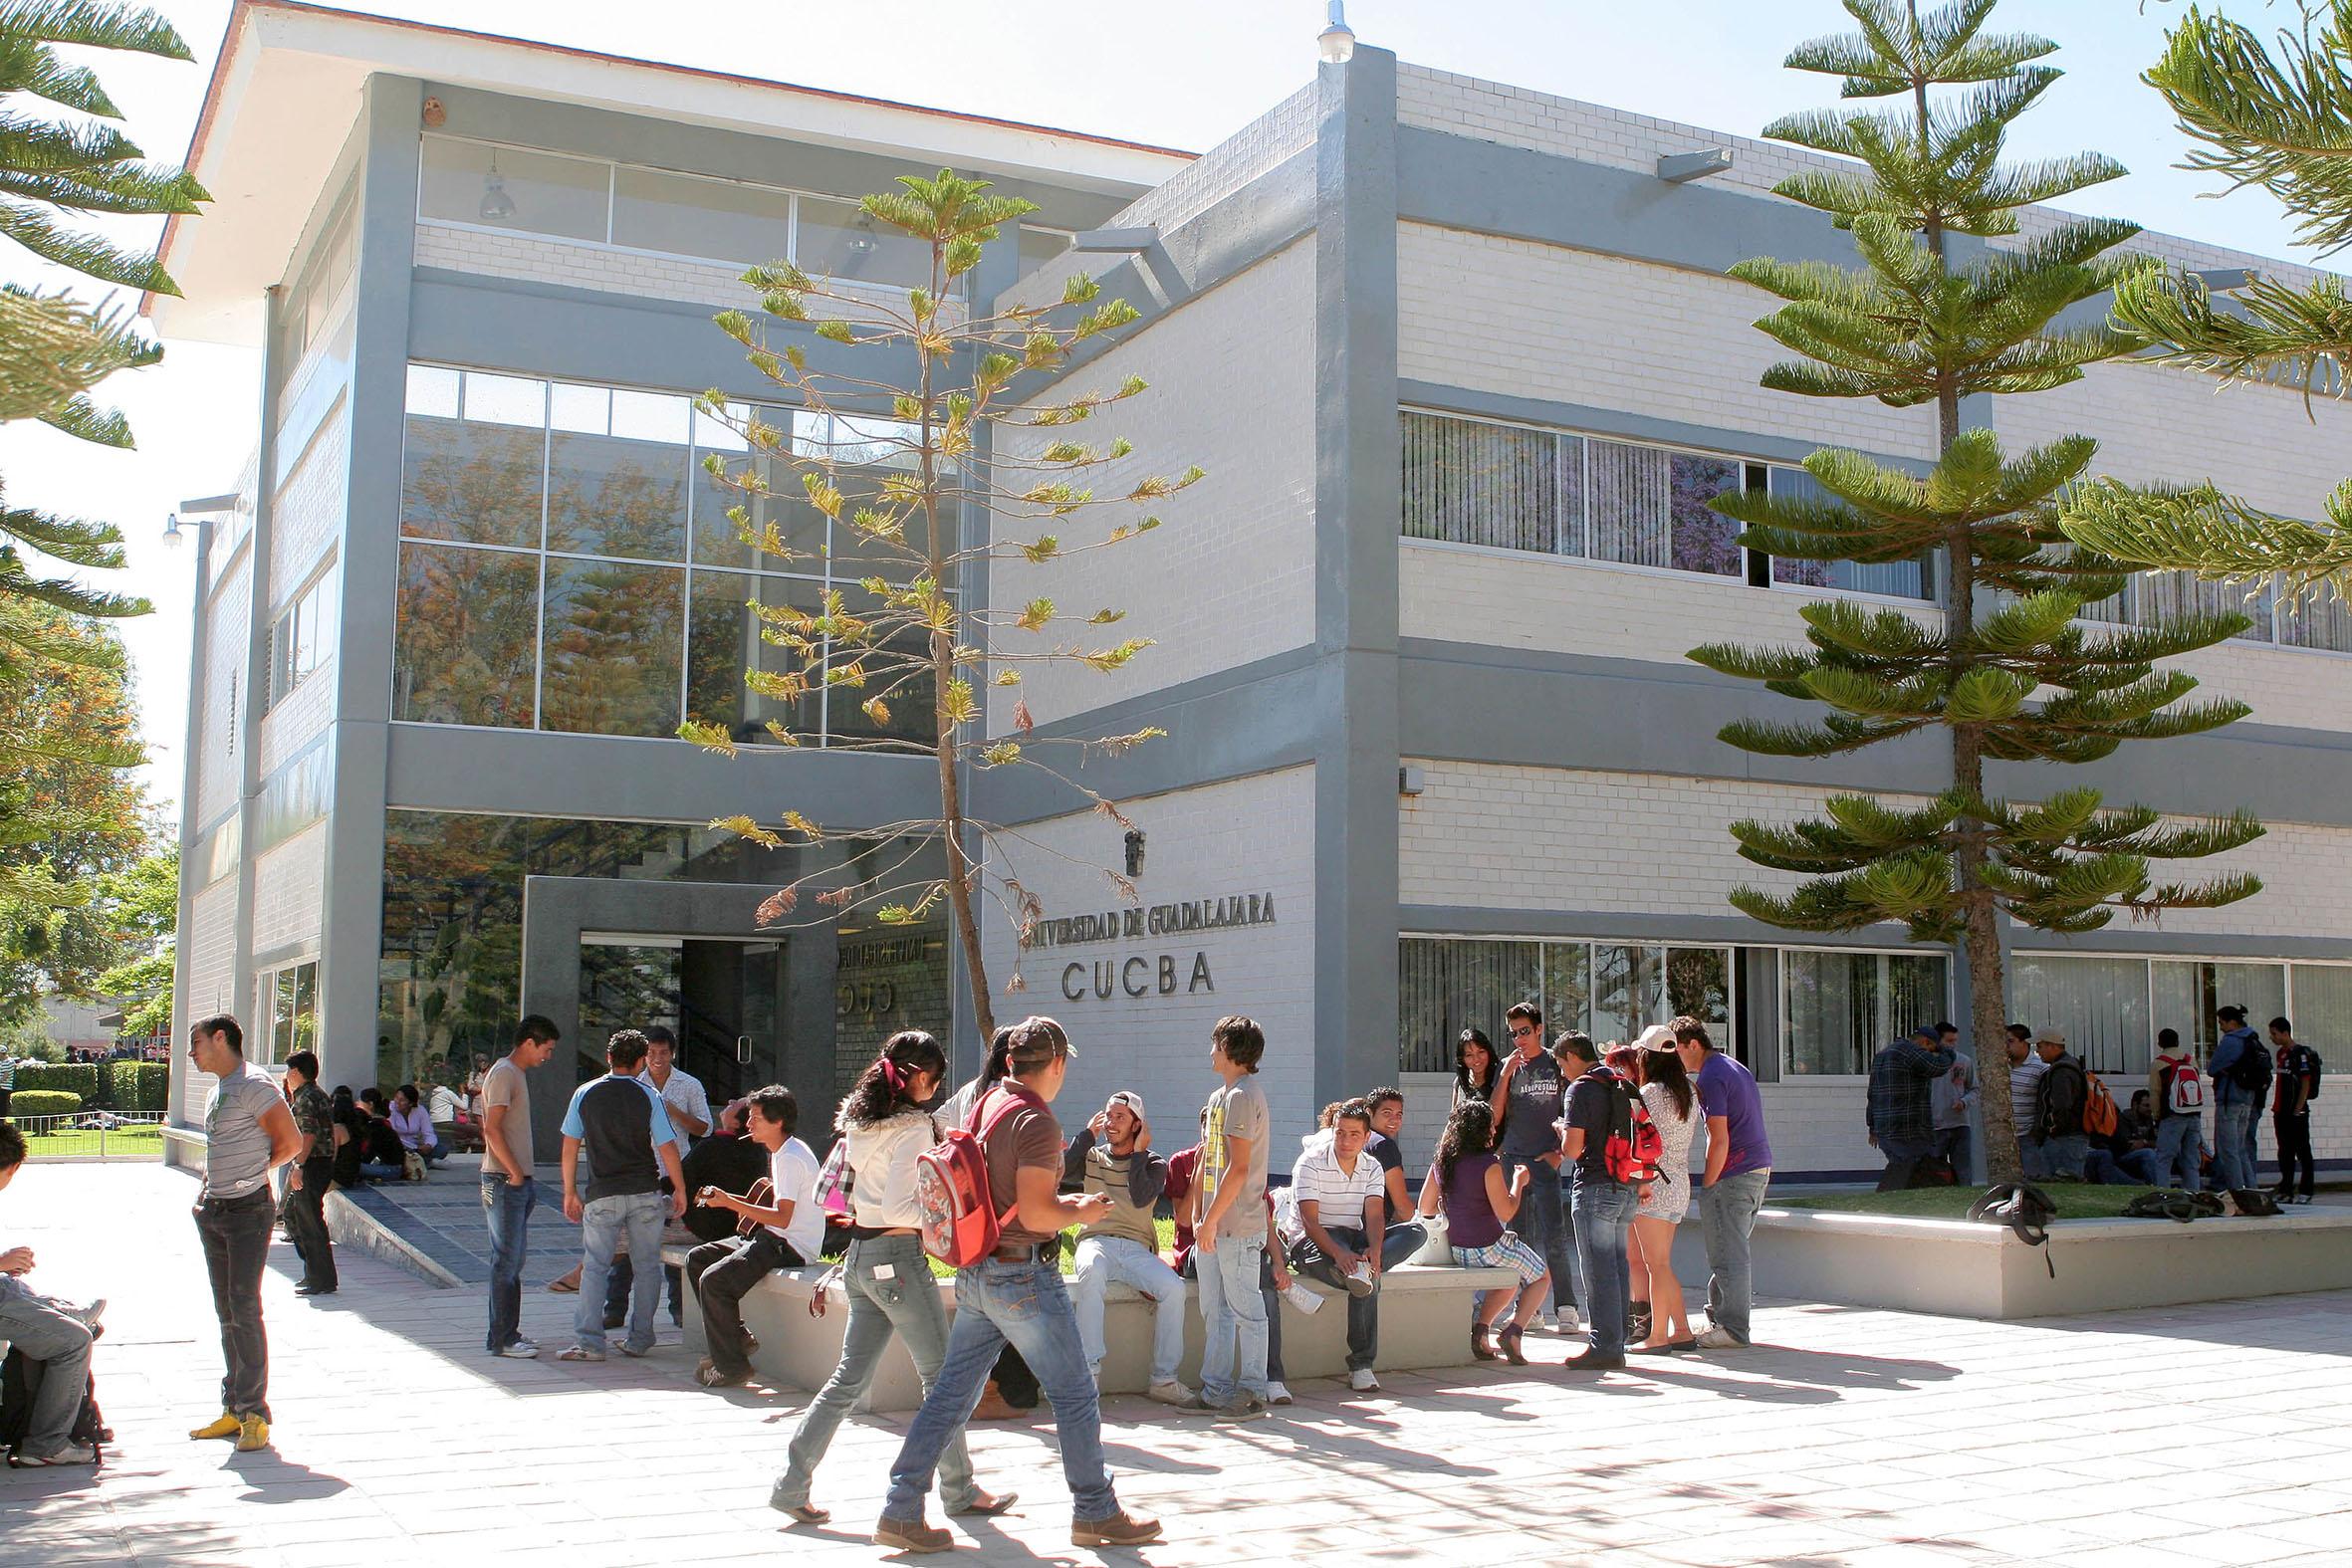 Estudiantes del CUCBA, llegando a las instalaciones del centro universitario.